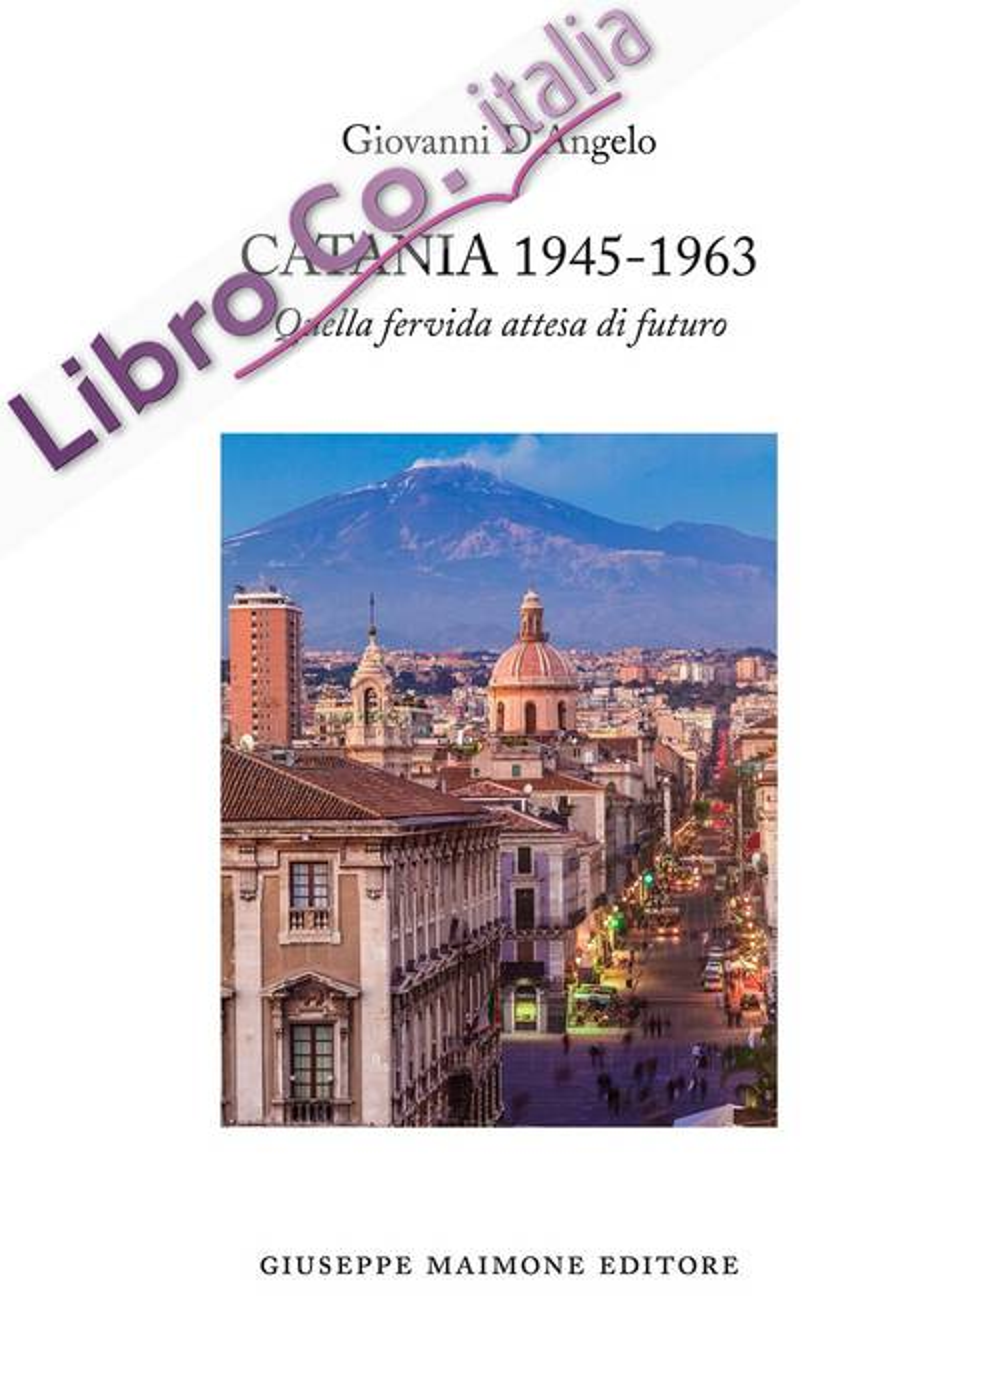 Catania 1945-1963. Quella Fervida Attesa di Futuro